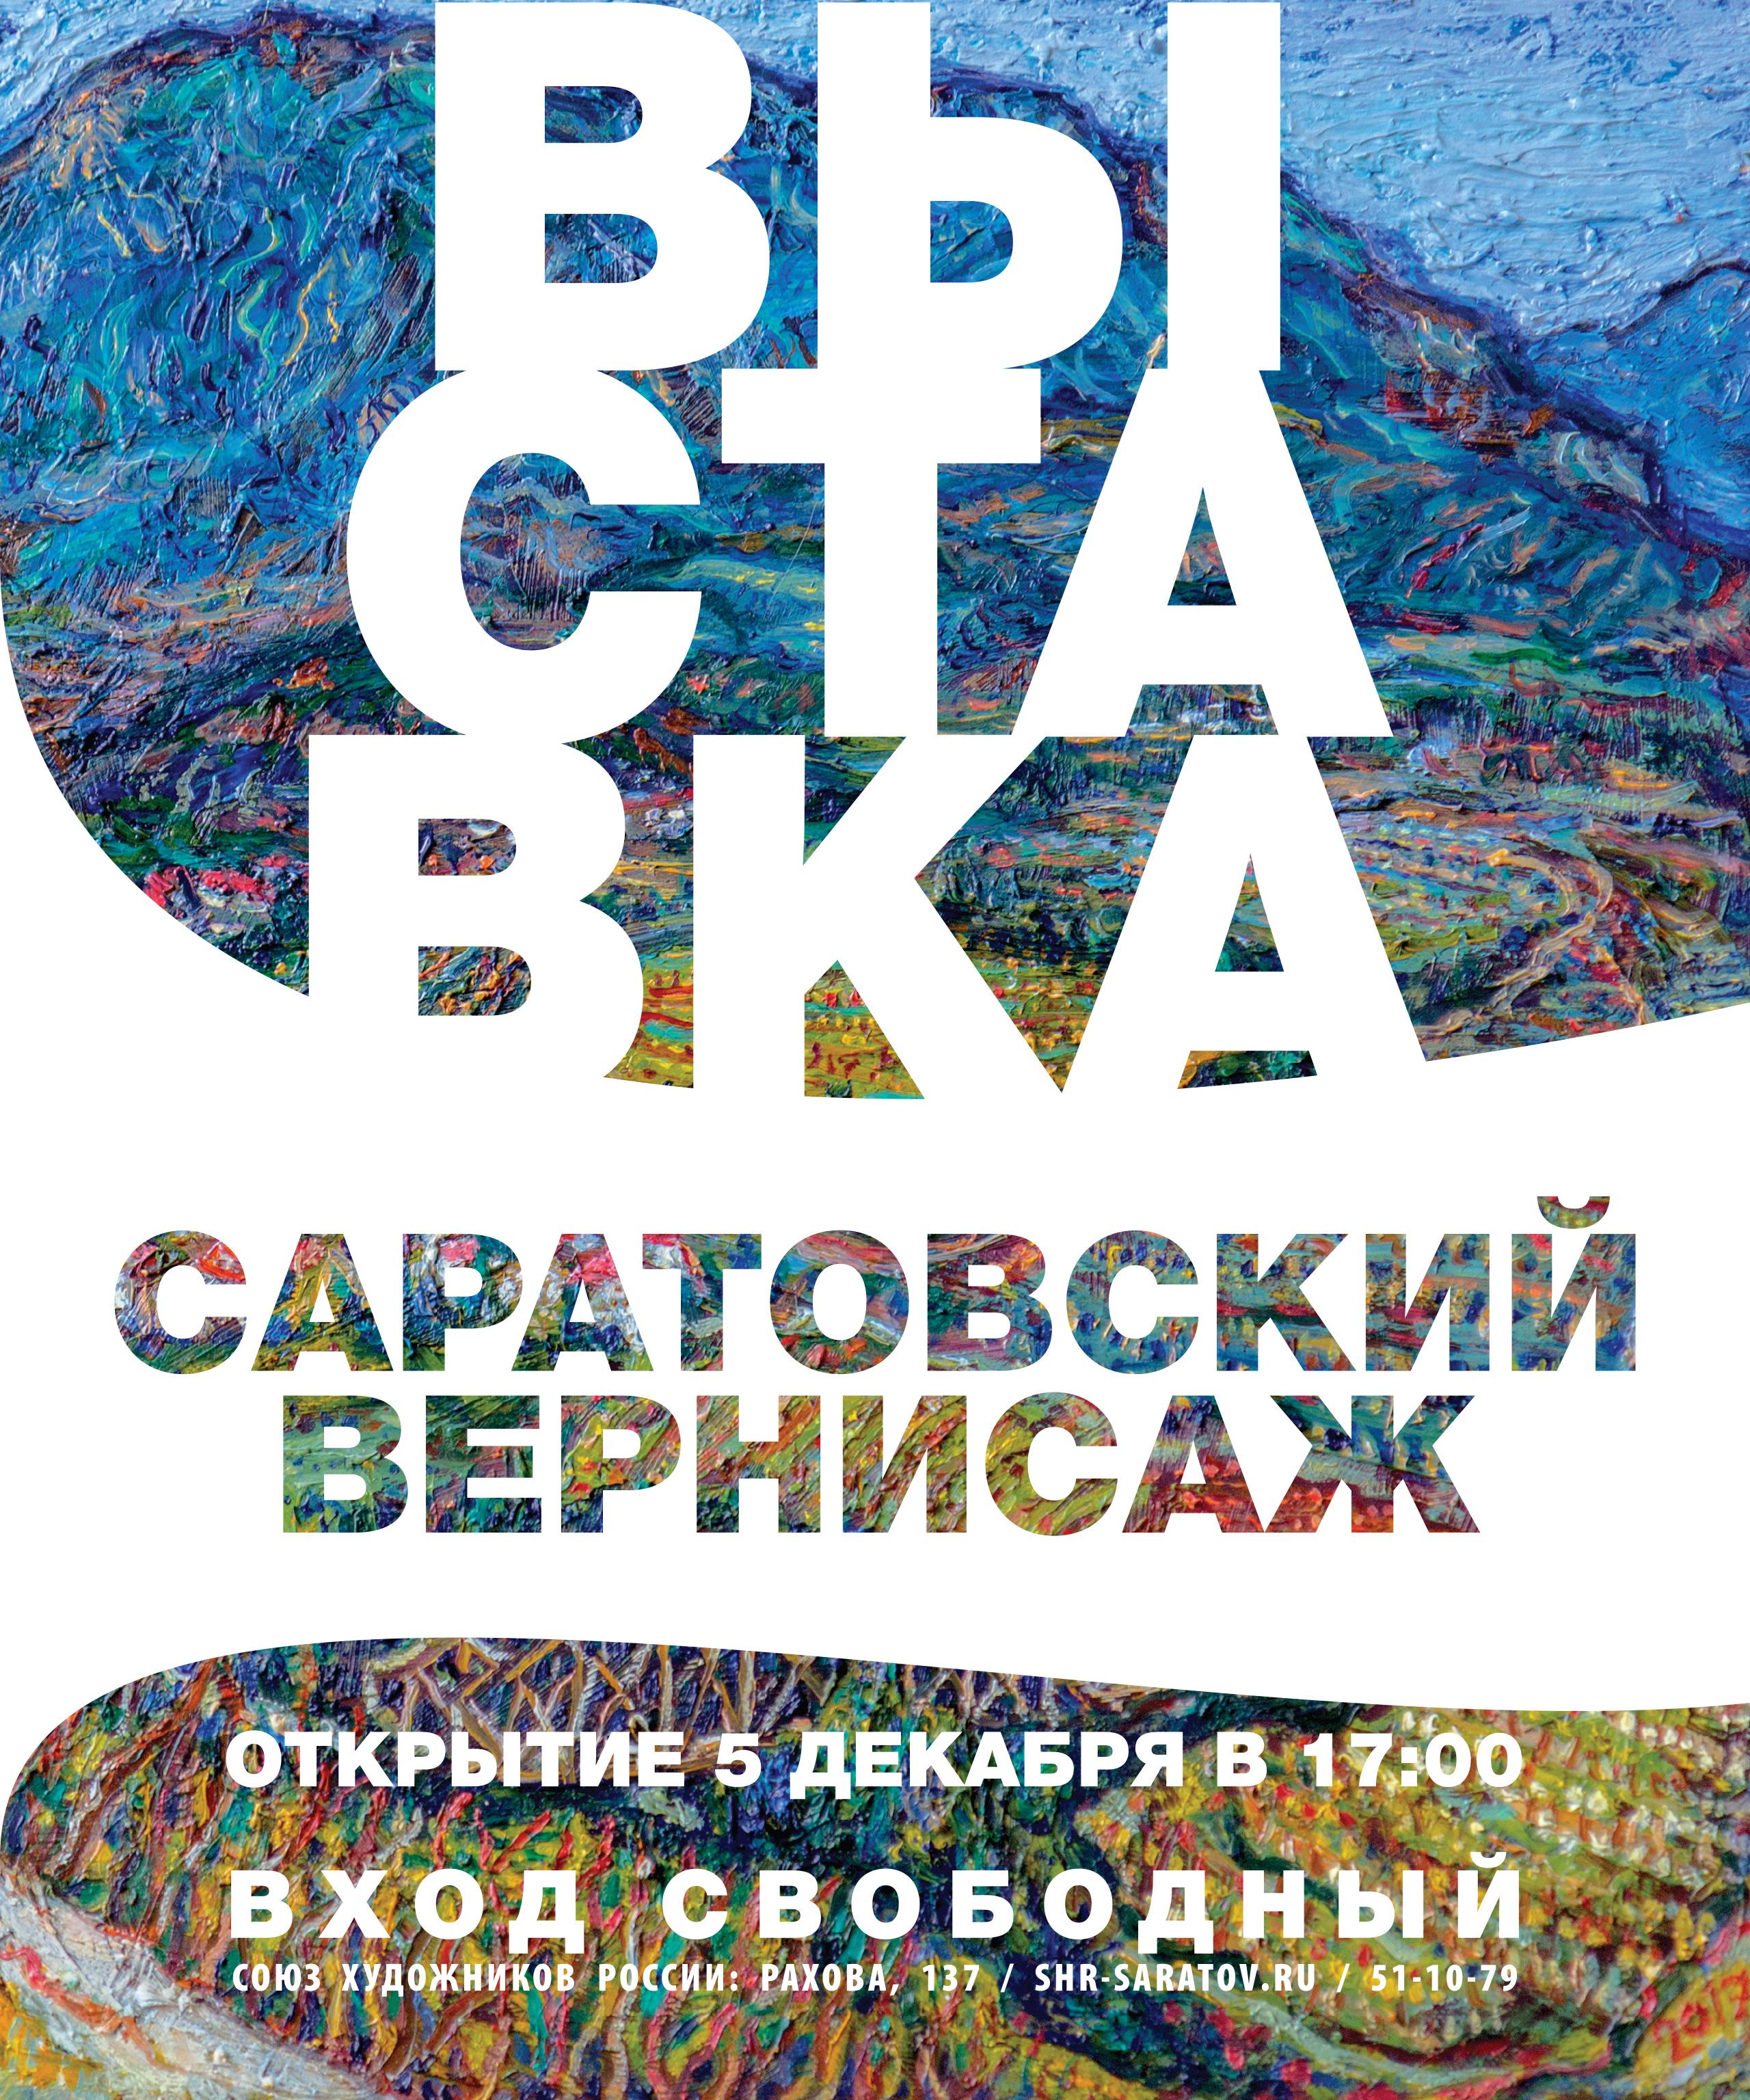 саратовский вернисаж.cdr